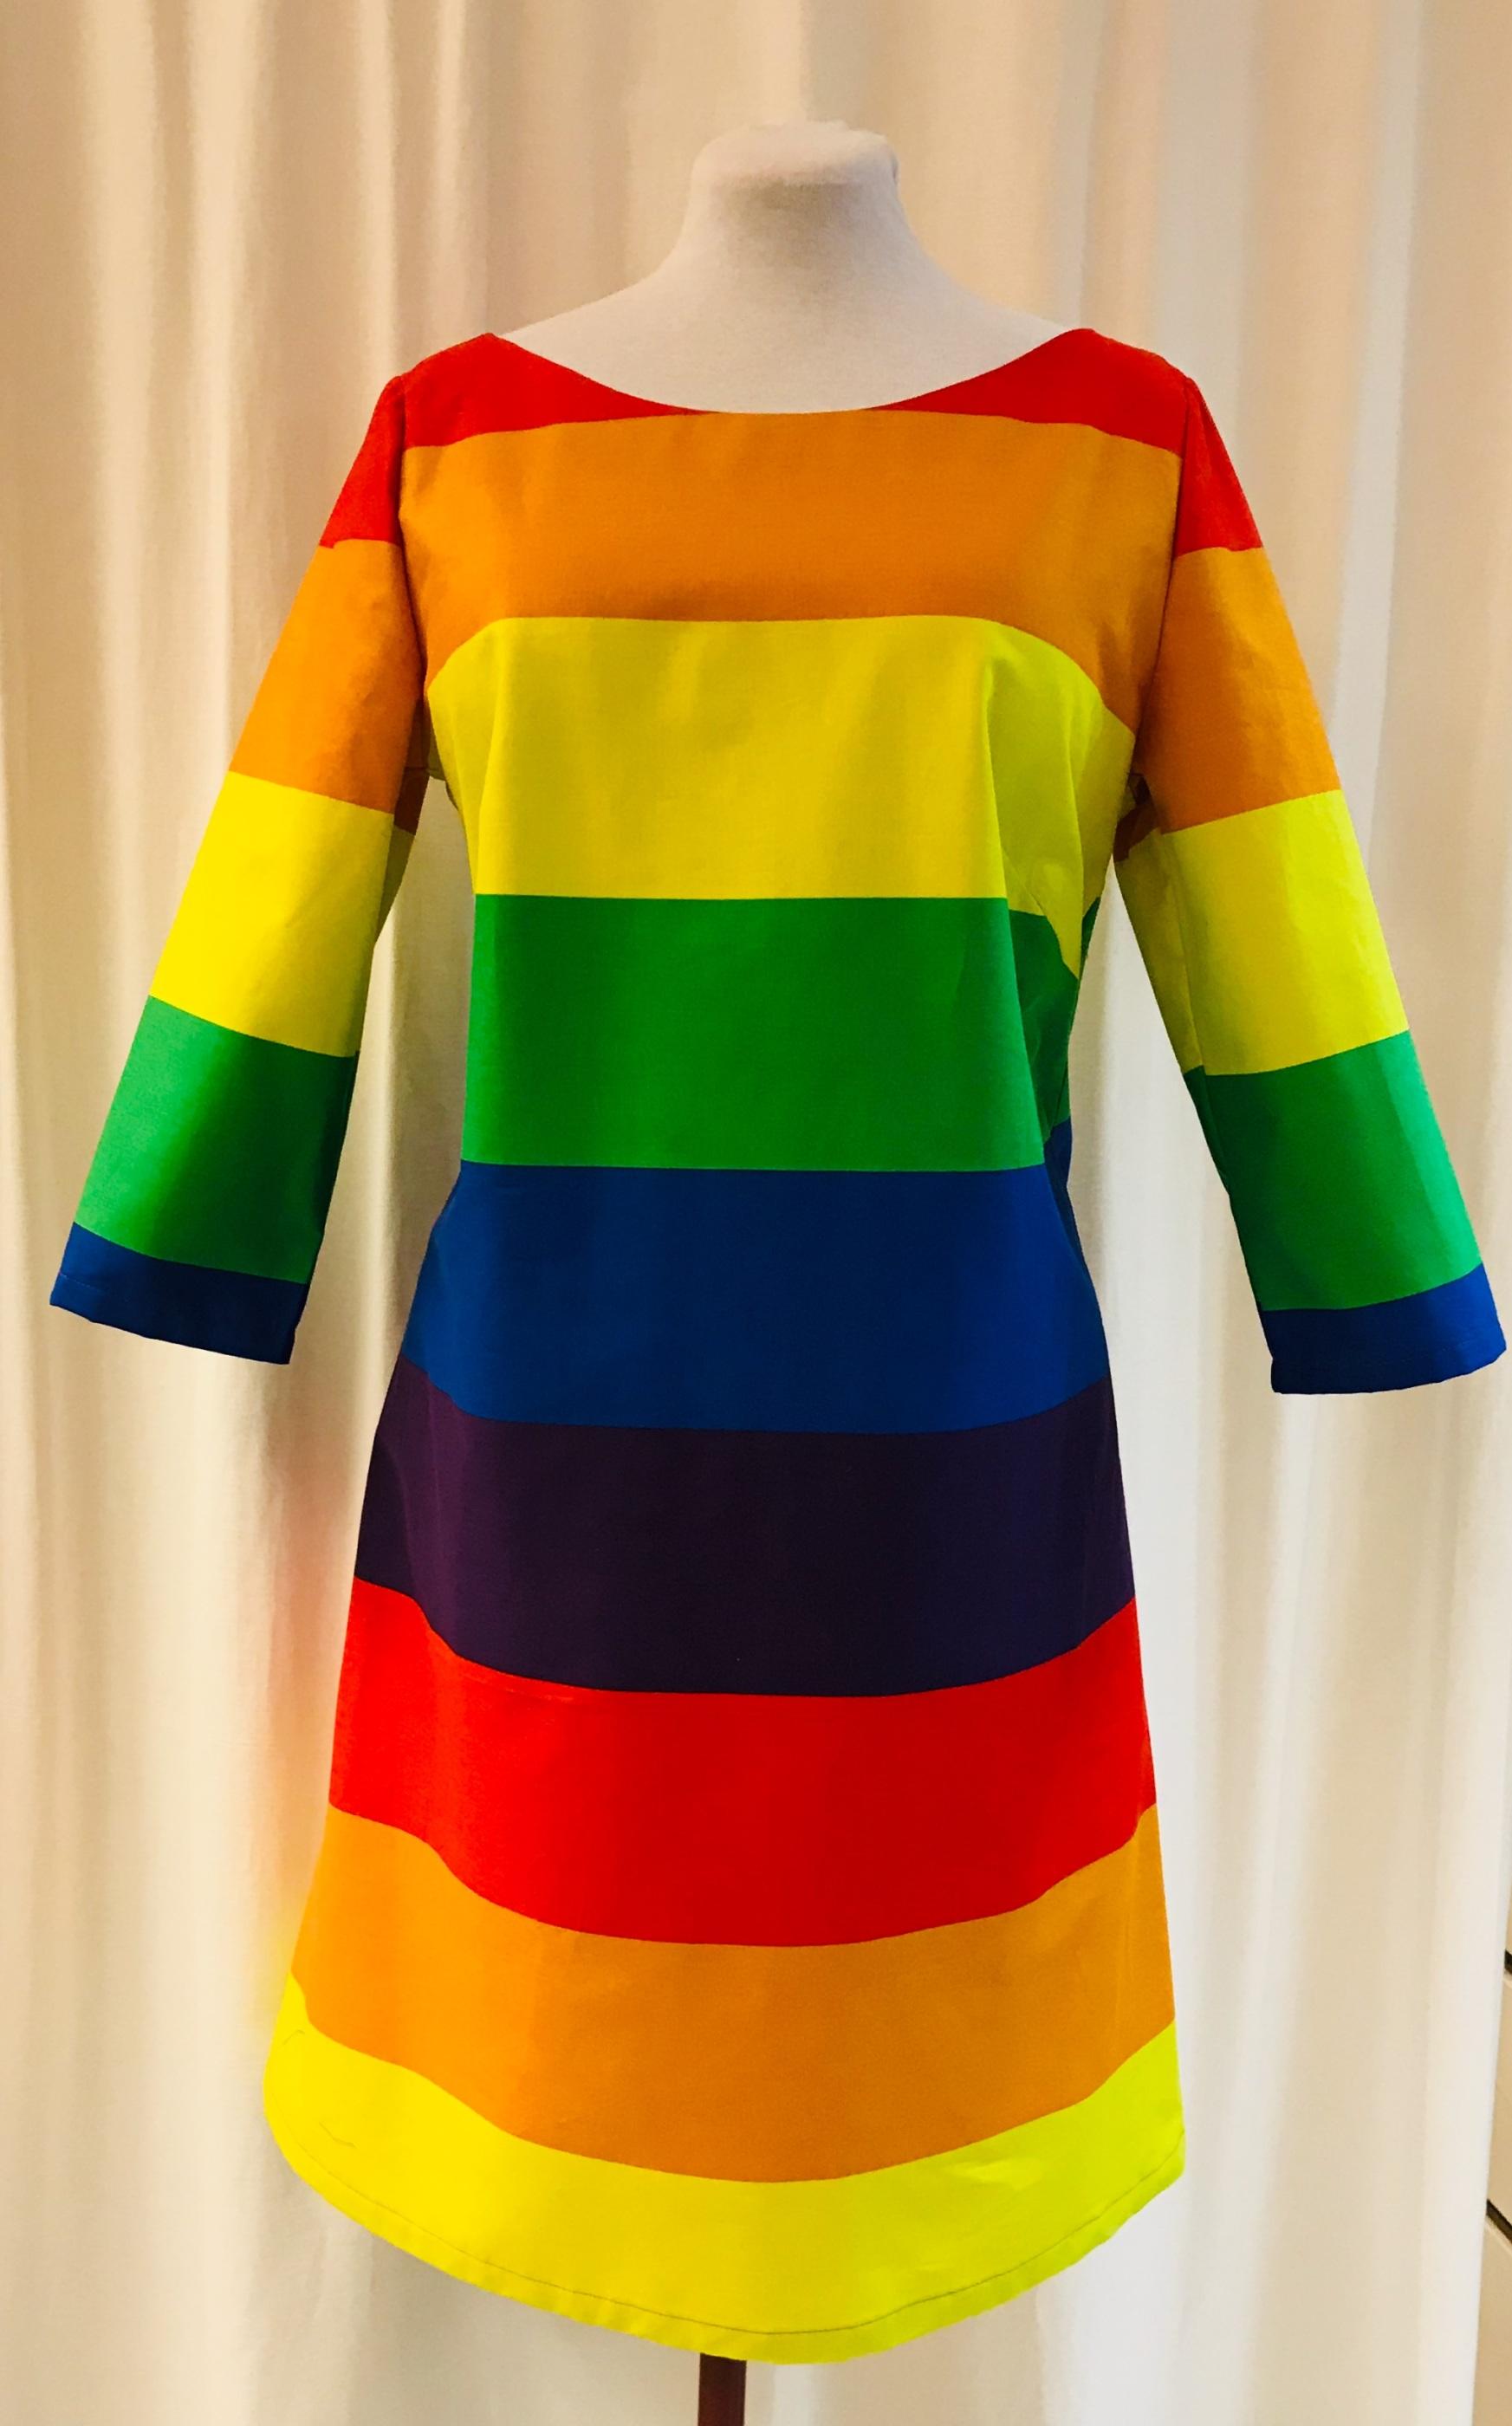 SaraLaholm klänning Solbritt regnbåge färgglad randig Pride bomull unik design